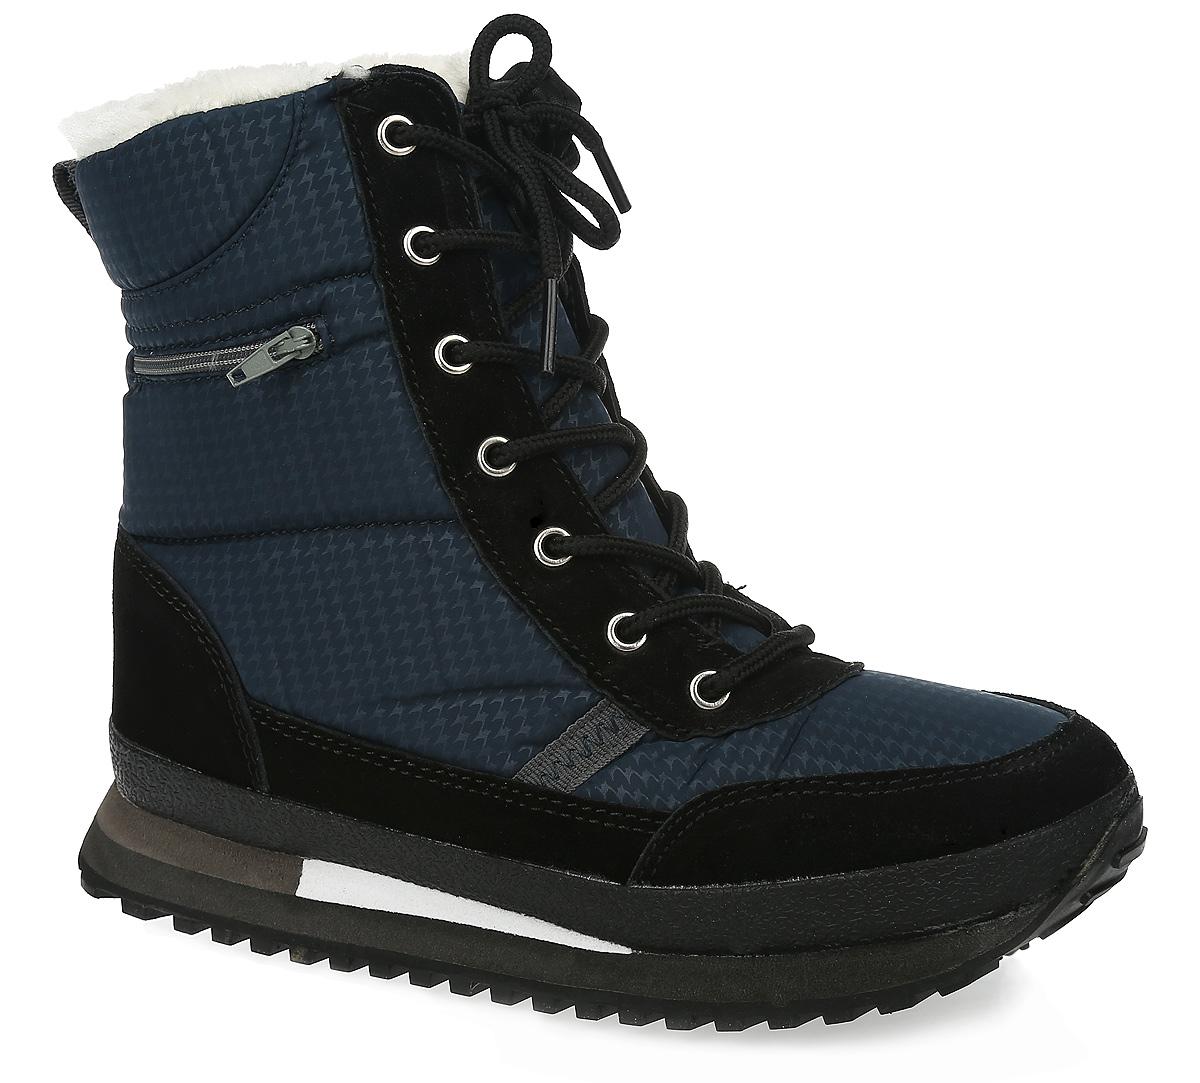 SM2769_52_06Модные женские ботинки от Spur надежно защитят вас от холода. Модель выполнена из прочного текстиля и оформлена оригинальным узором, сбоку - декоративной молнией, на язычке - фирменной нашивкой. Шнуровка надежно фиксирует изделие на ноге. Текстильная петля на заднике облегчает надевание обуви. Съемная стелька EVA с поверхностью из искусственного меха обеспечивает превосходную амортизацию и максимальный комфорт. Утолщенная подошва с протектором гарантирует идеальное сцепление на любой поверхности. Такие ботинки отлично подойдут для повседневного использования. Они подчеркнут ваш стиль и индивидуальность.